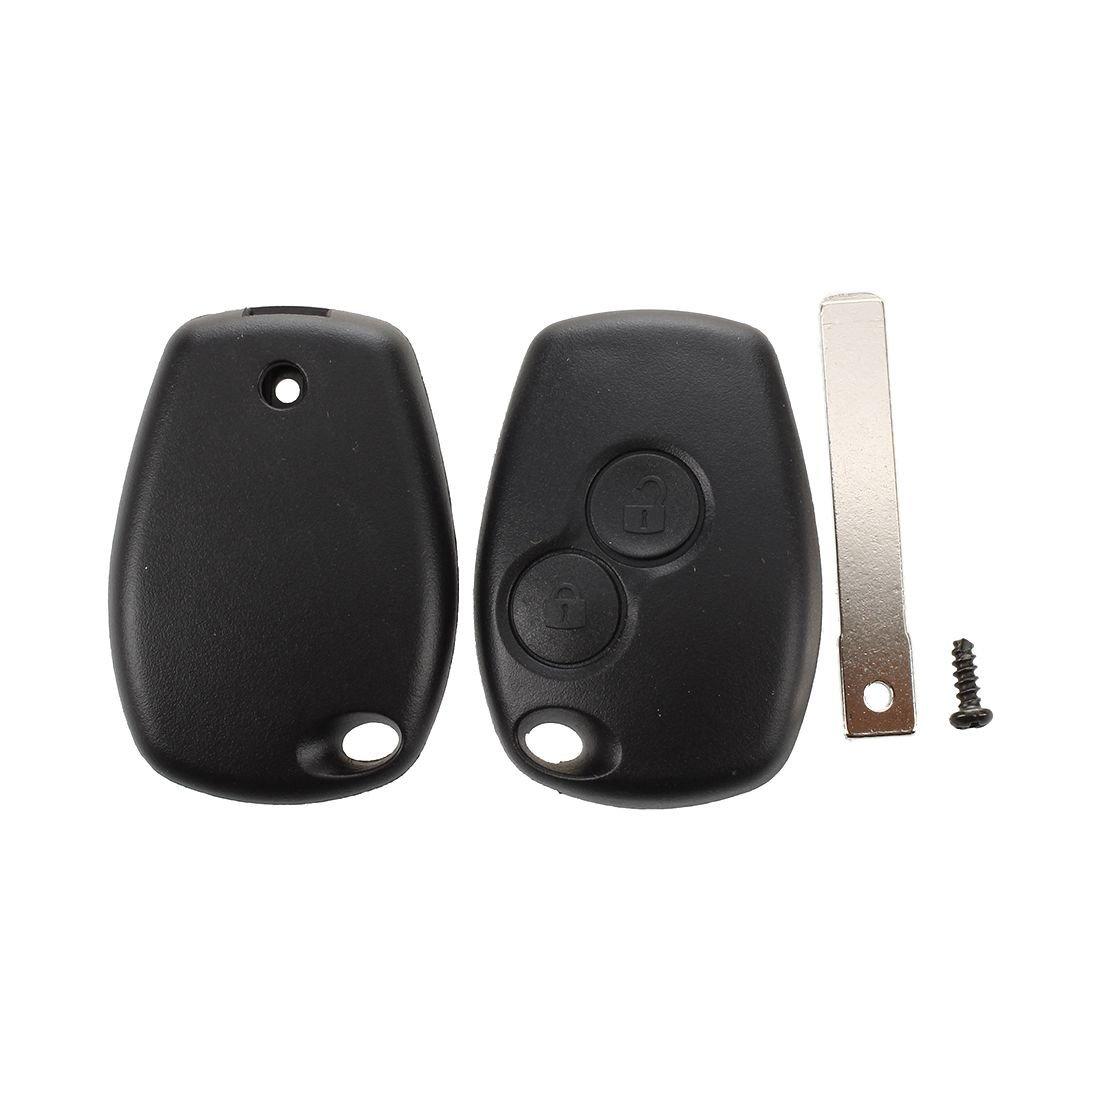 REFURBISHHOUSE 2 Bouton Coque Telecommande Plip Cle Boitier pour Renault Modus Clio 3 Twingo Noir